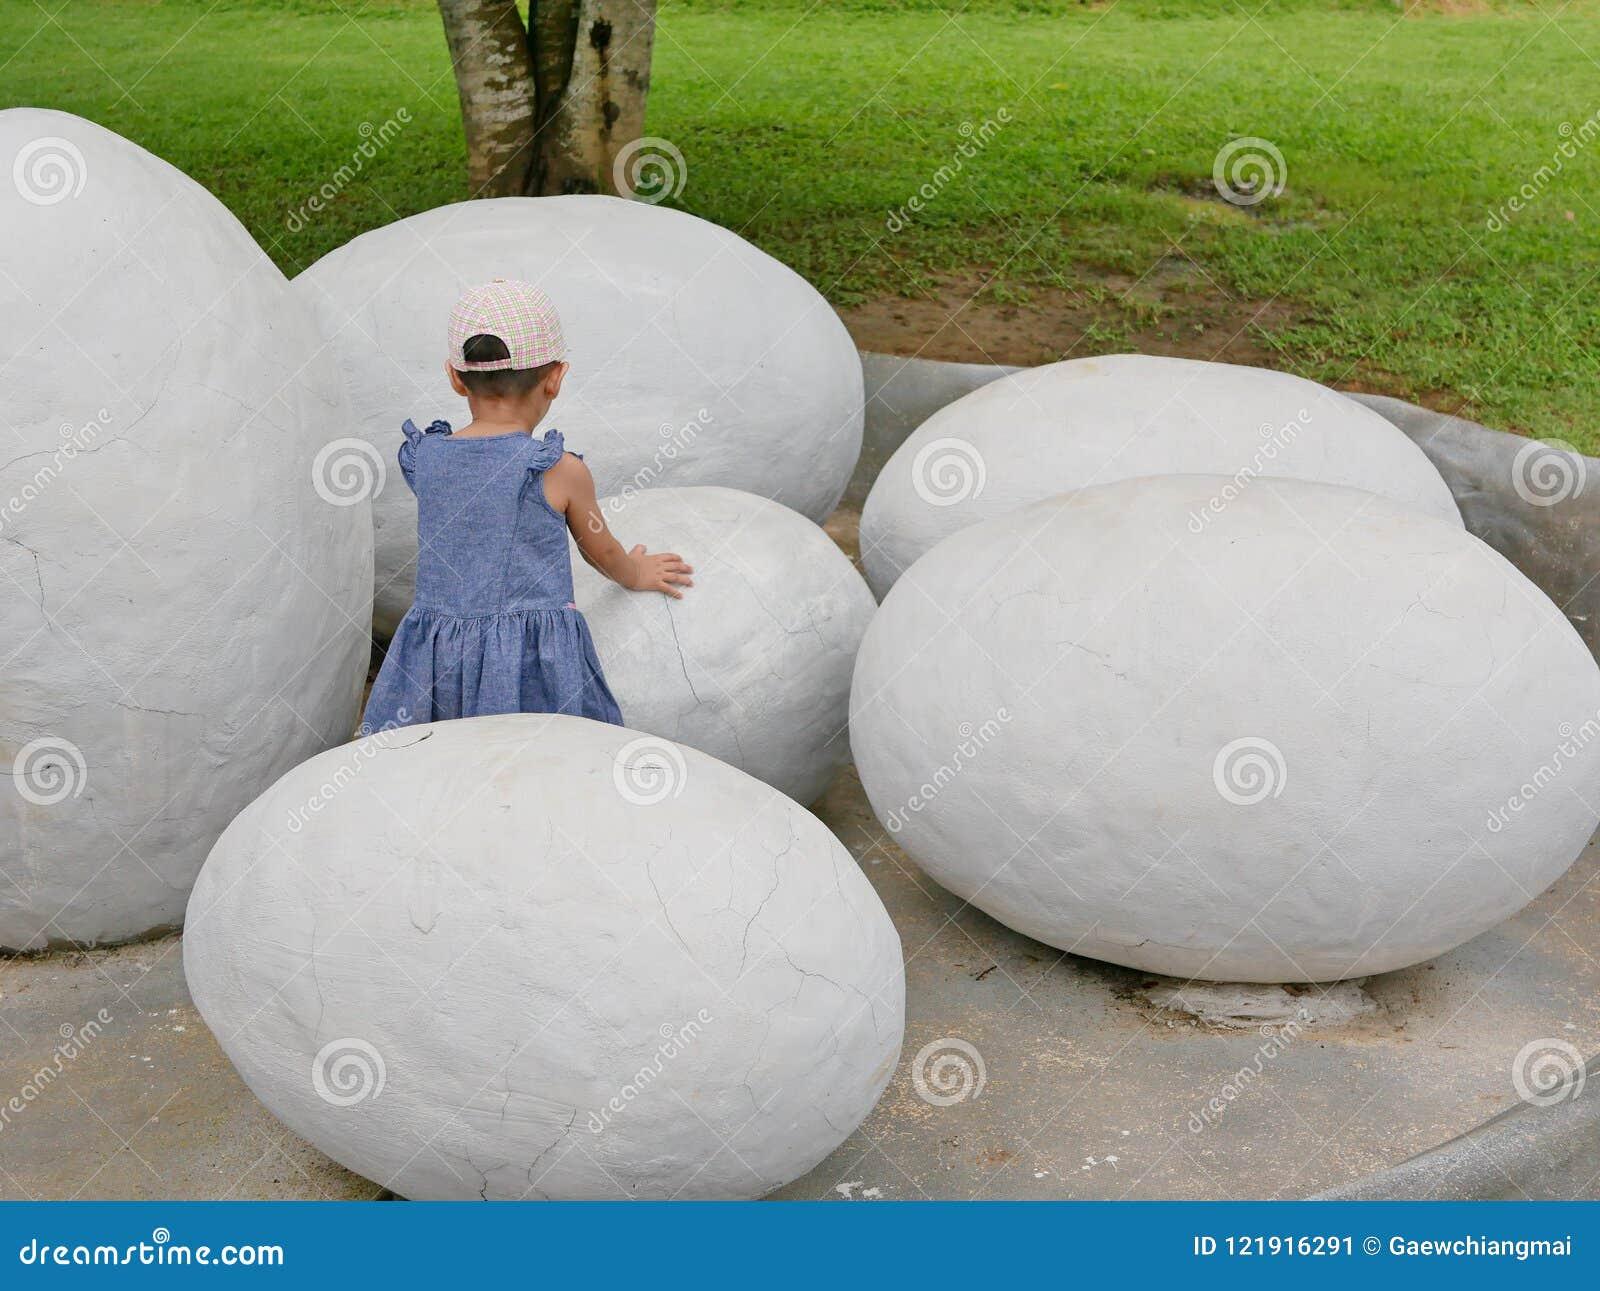 695c9e7d5d4c Bebé asiático que toca un huevo de dinosaurio para explorar si ella siente  cualquier cosa dentro